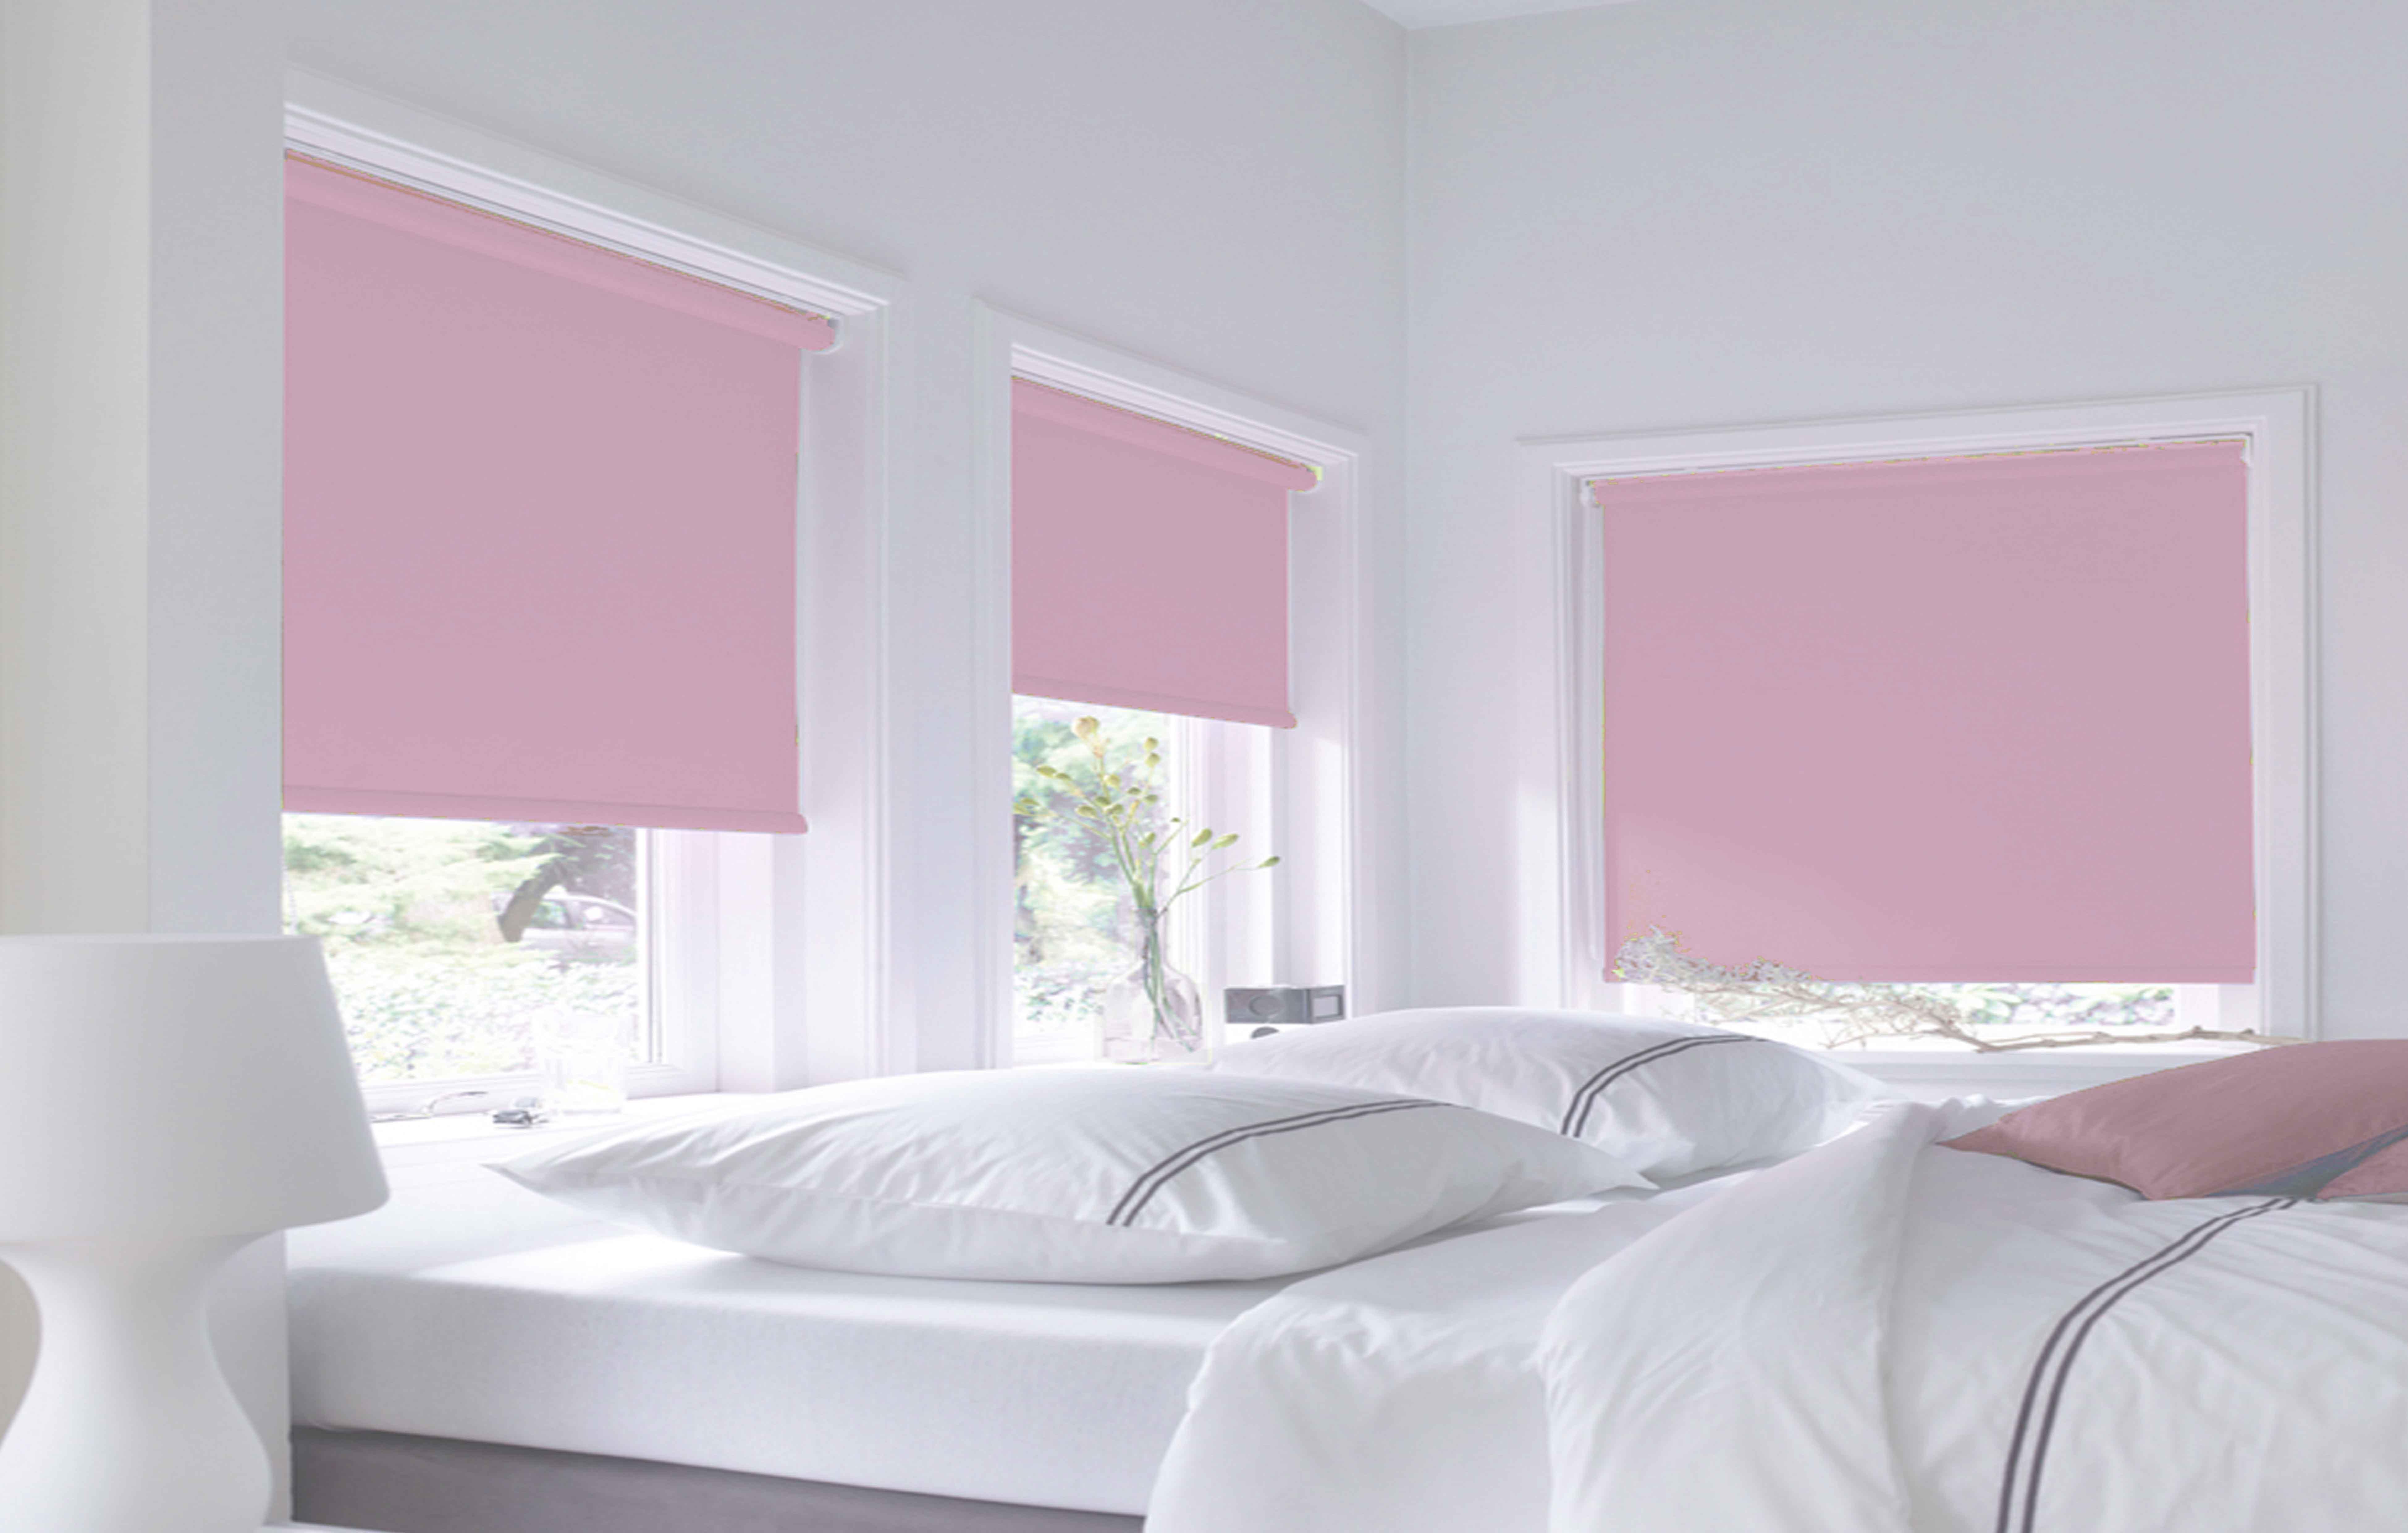 slaapkamer rolgordijn lichtroze